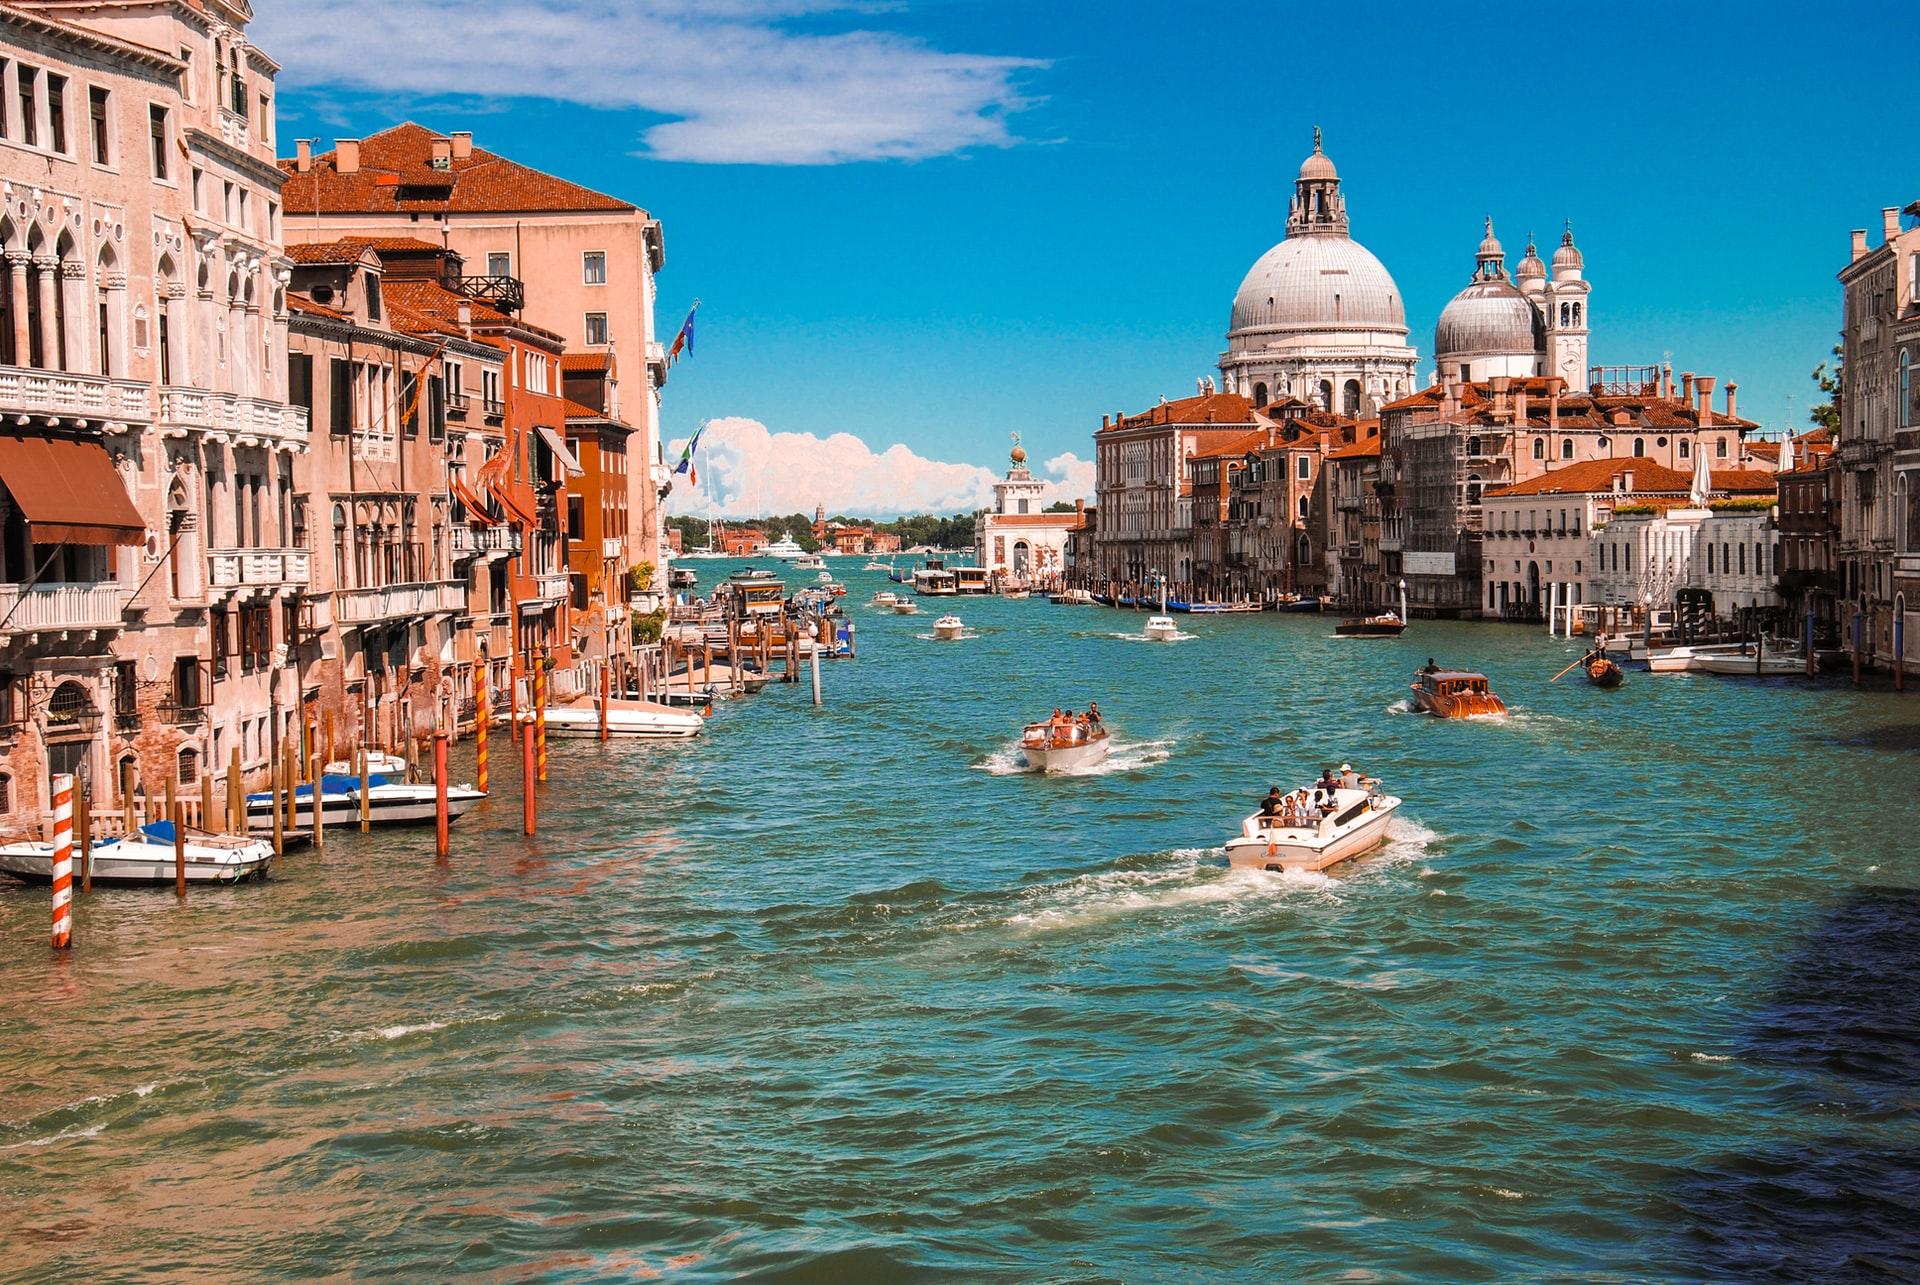 Kanál Benátky